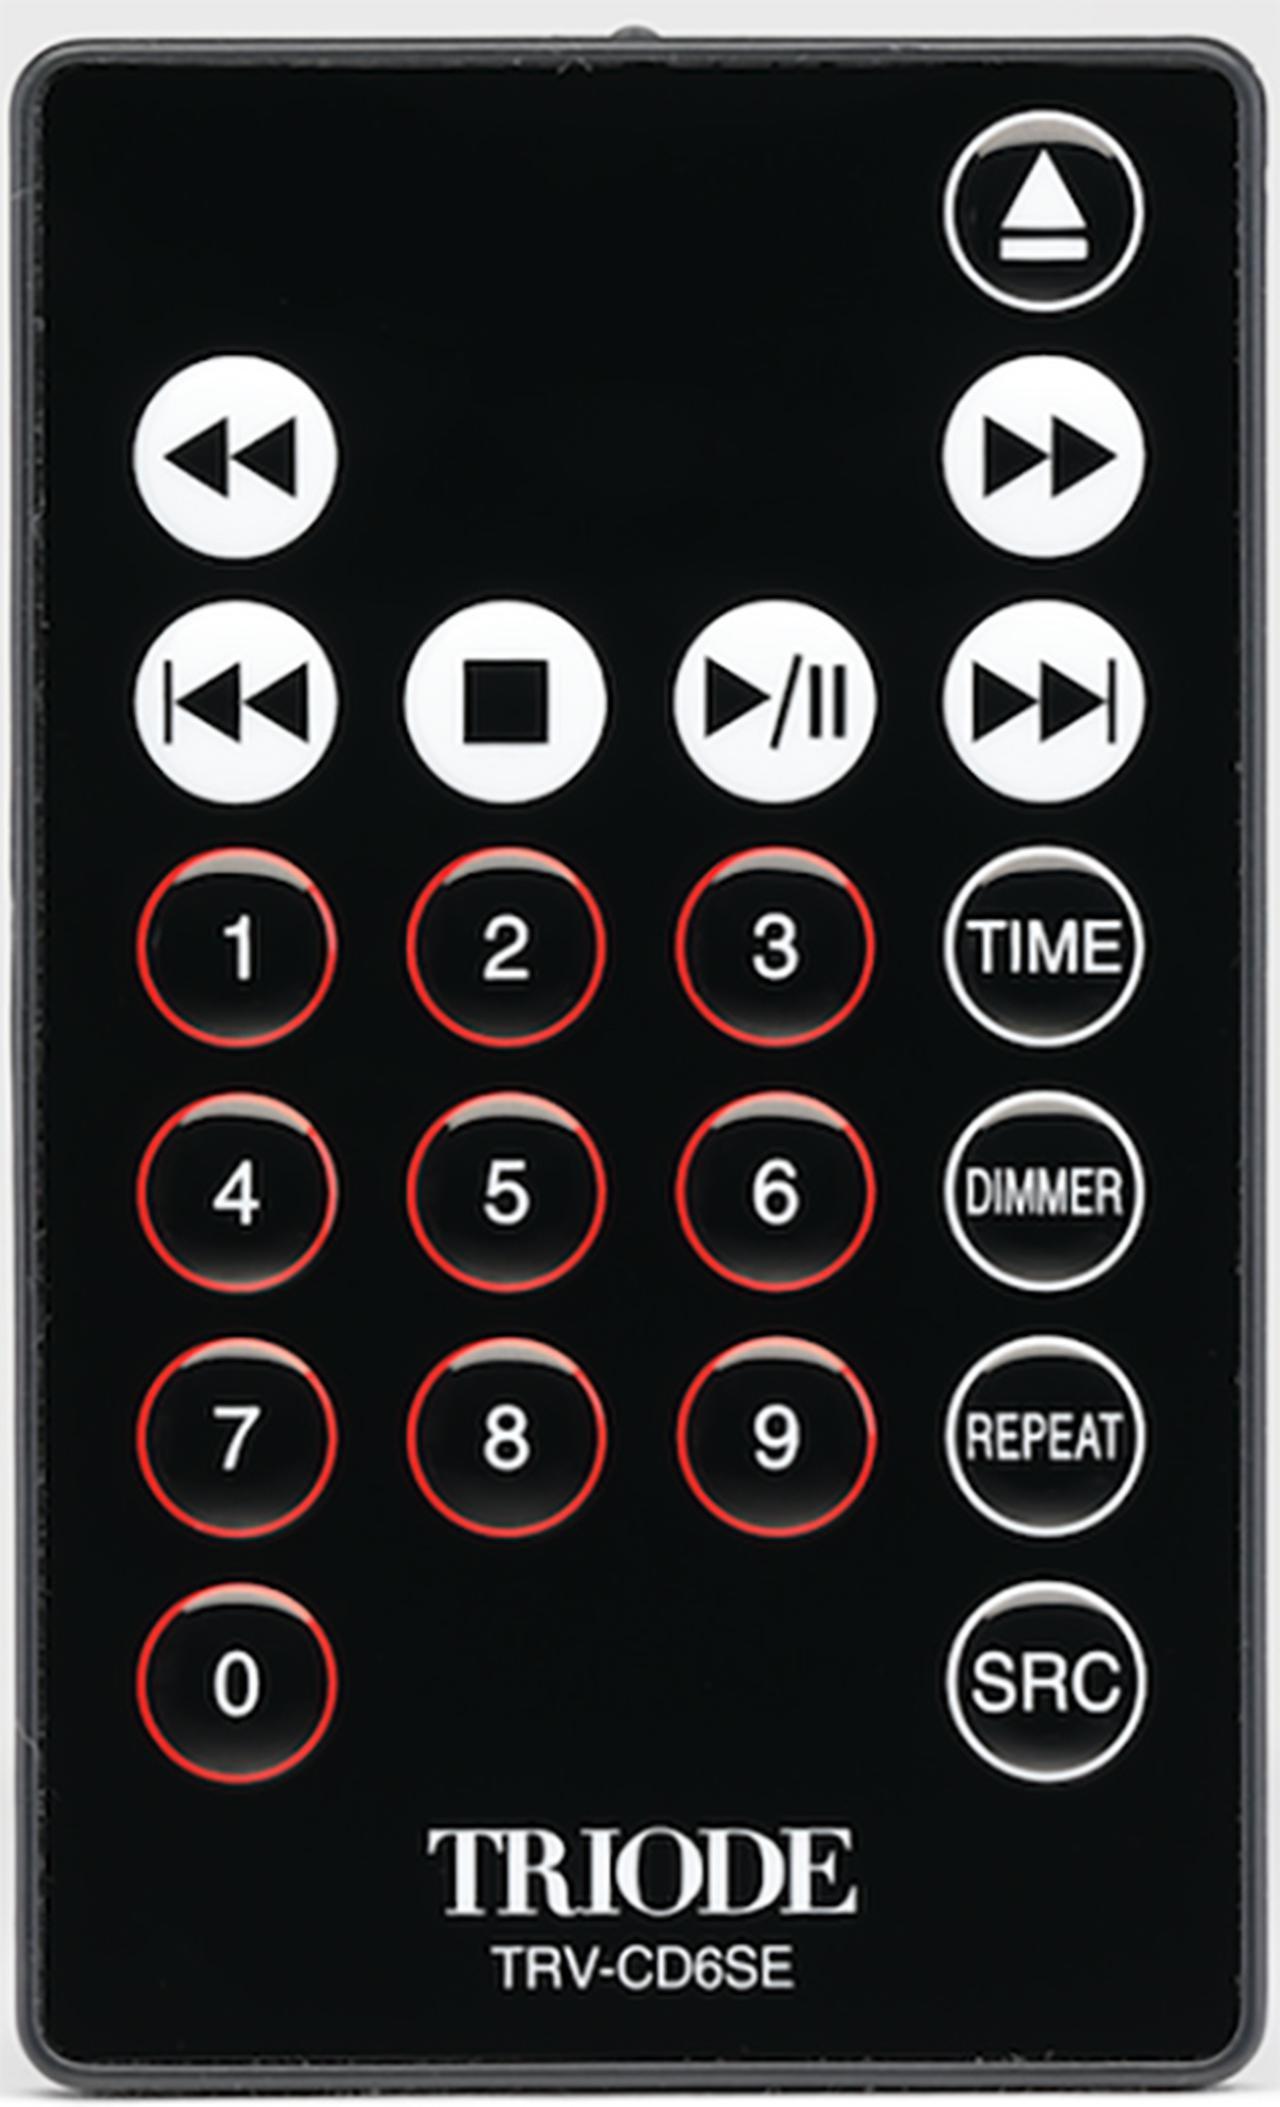 画像: 付属のカード型リモコンは、10キーを備える。